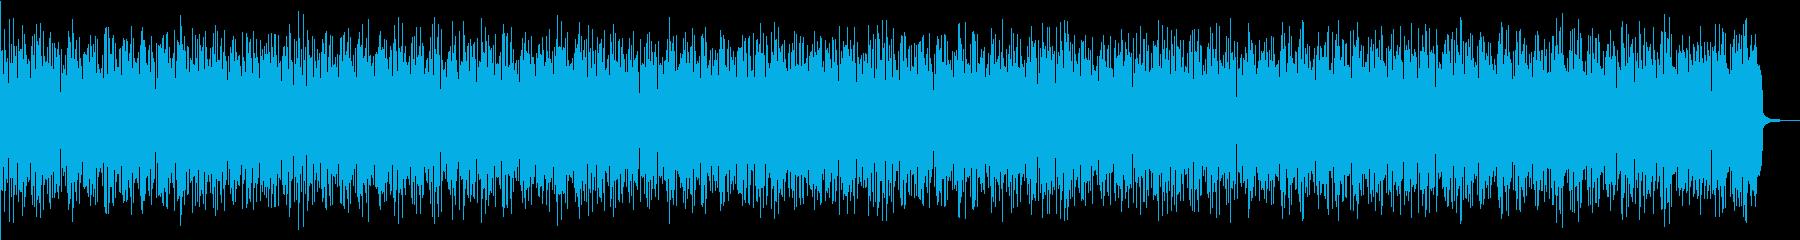 「ファンク」軽快なファンキービートの再生済みの波形